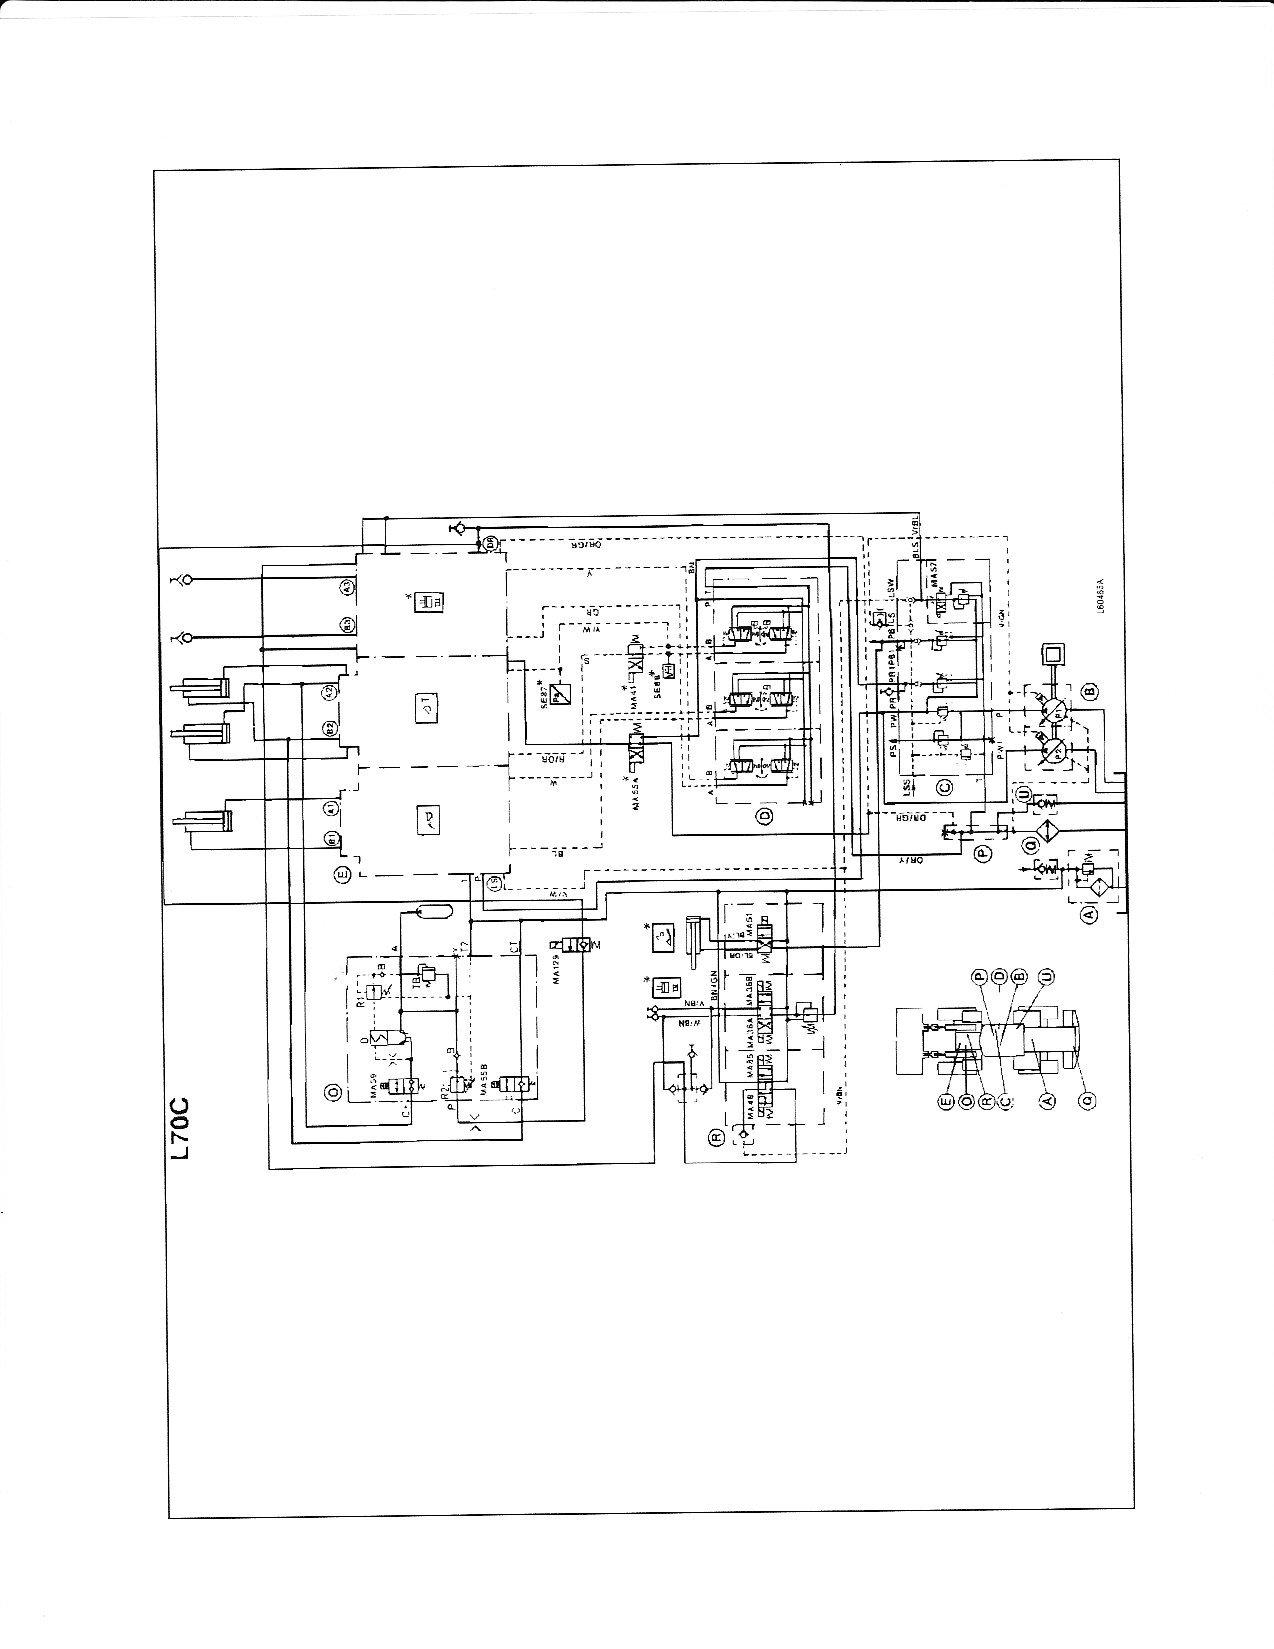 volvo l70c wiring diagram circuit diagram symbols u2022 rh veturecapitaltrust co